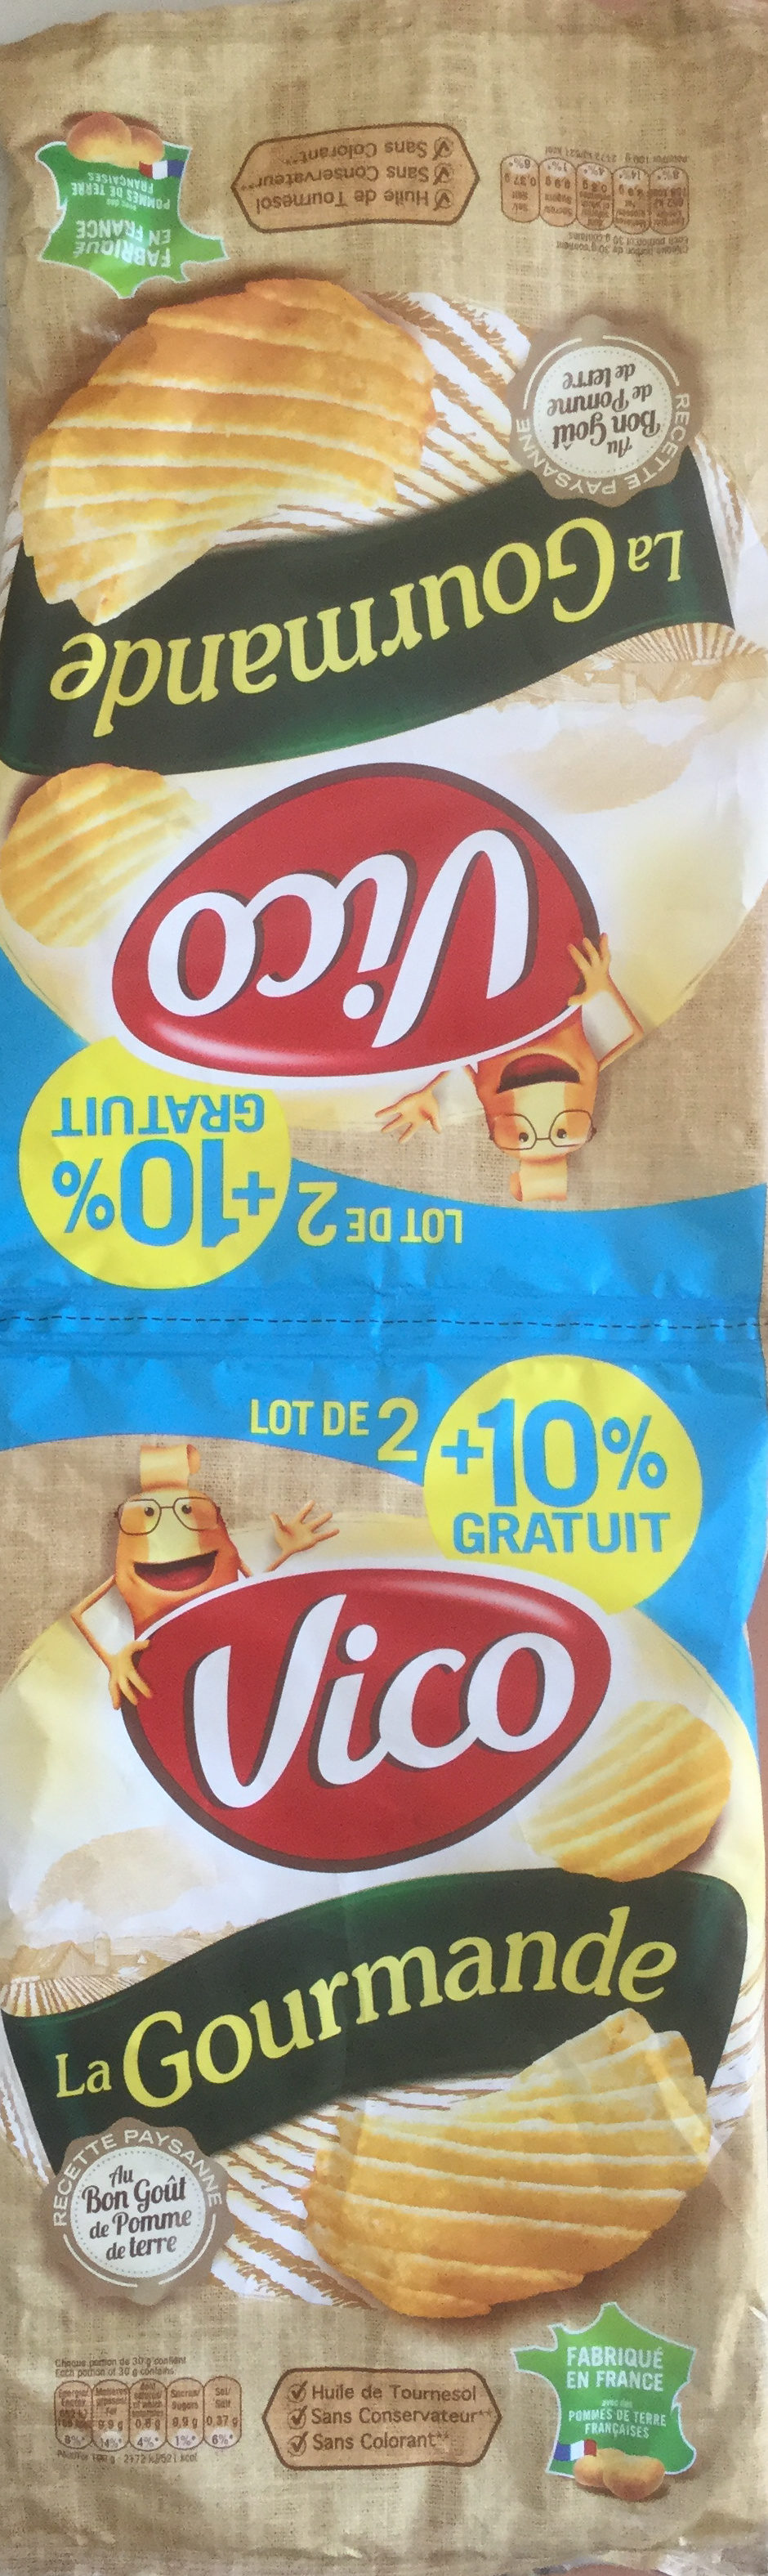 Chips La Gourmande (lot de 2, +10% gratuit) - Product - fr